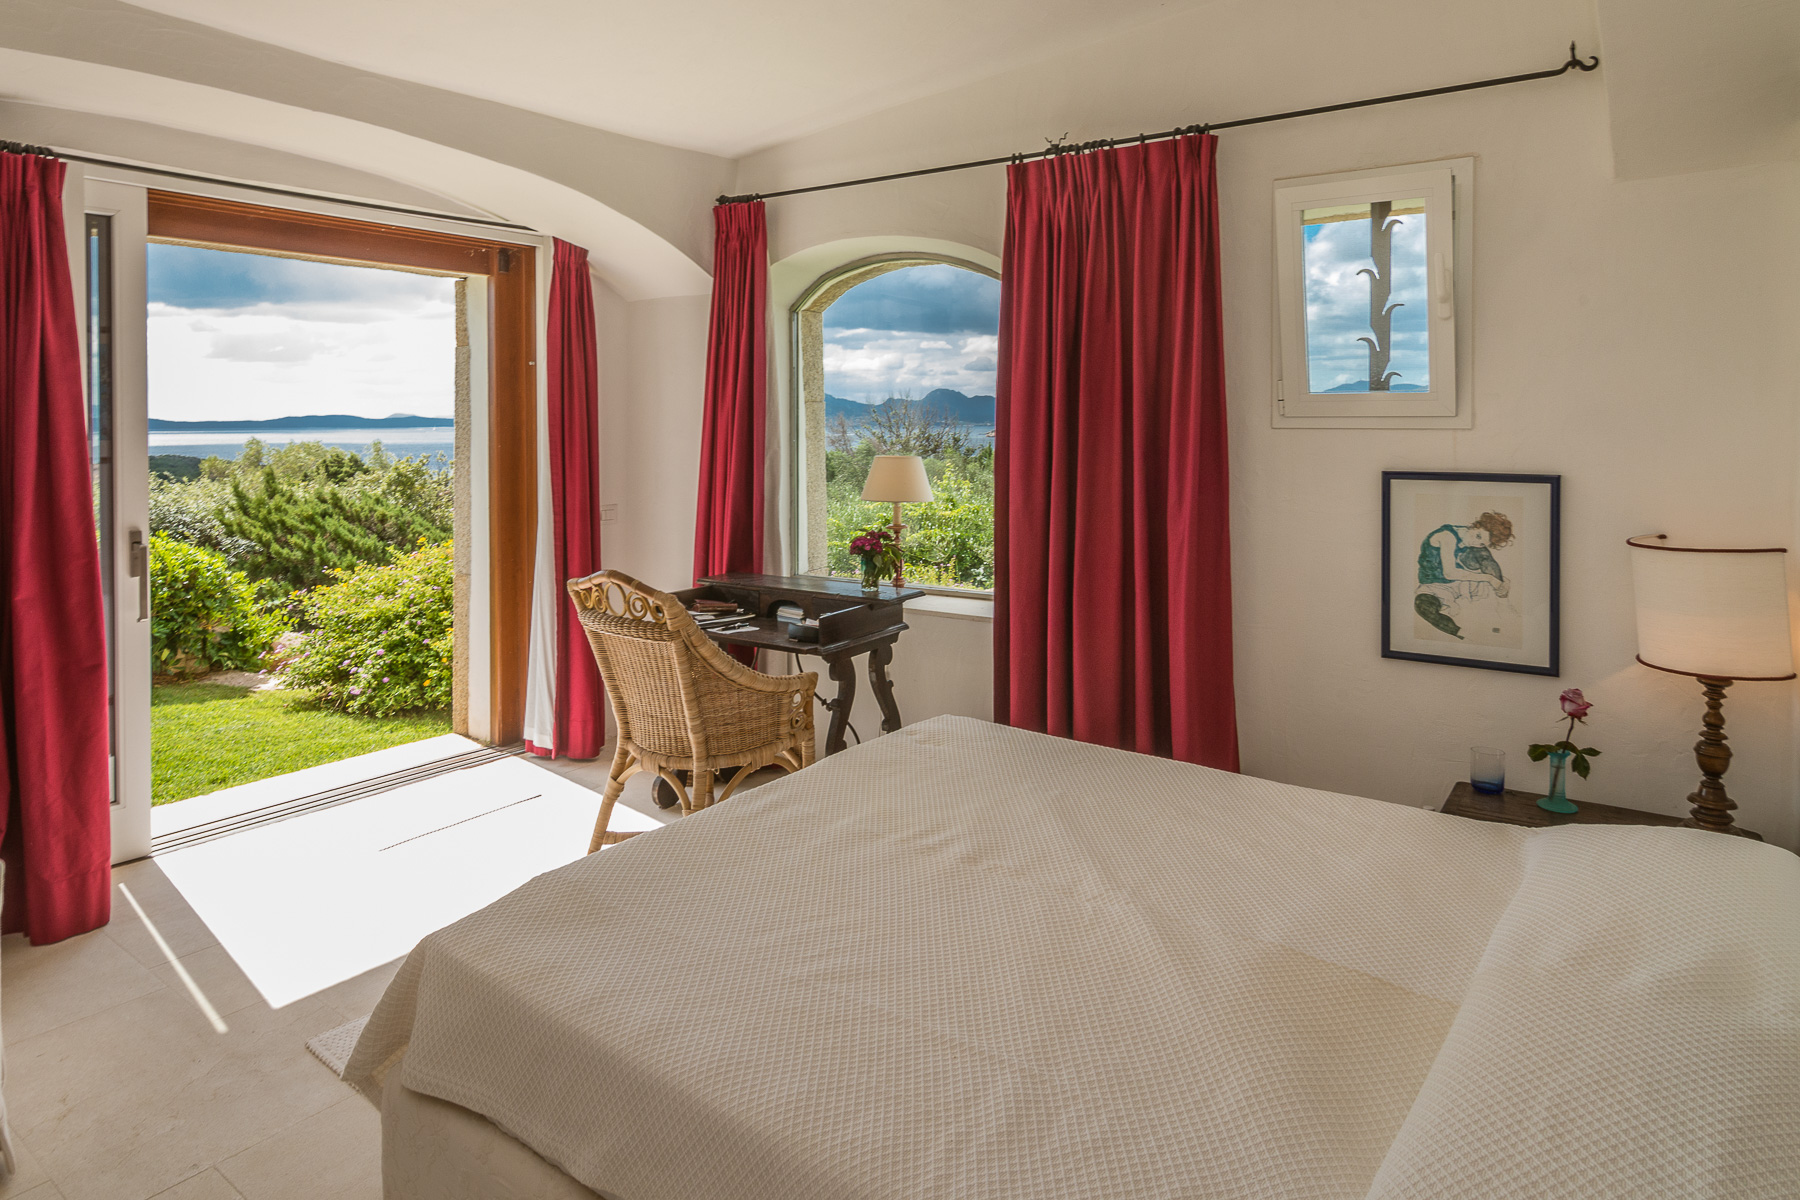 Villa in Vendita a Arzachena: 5 locali, 326 mq - Foto 14